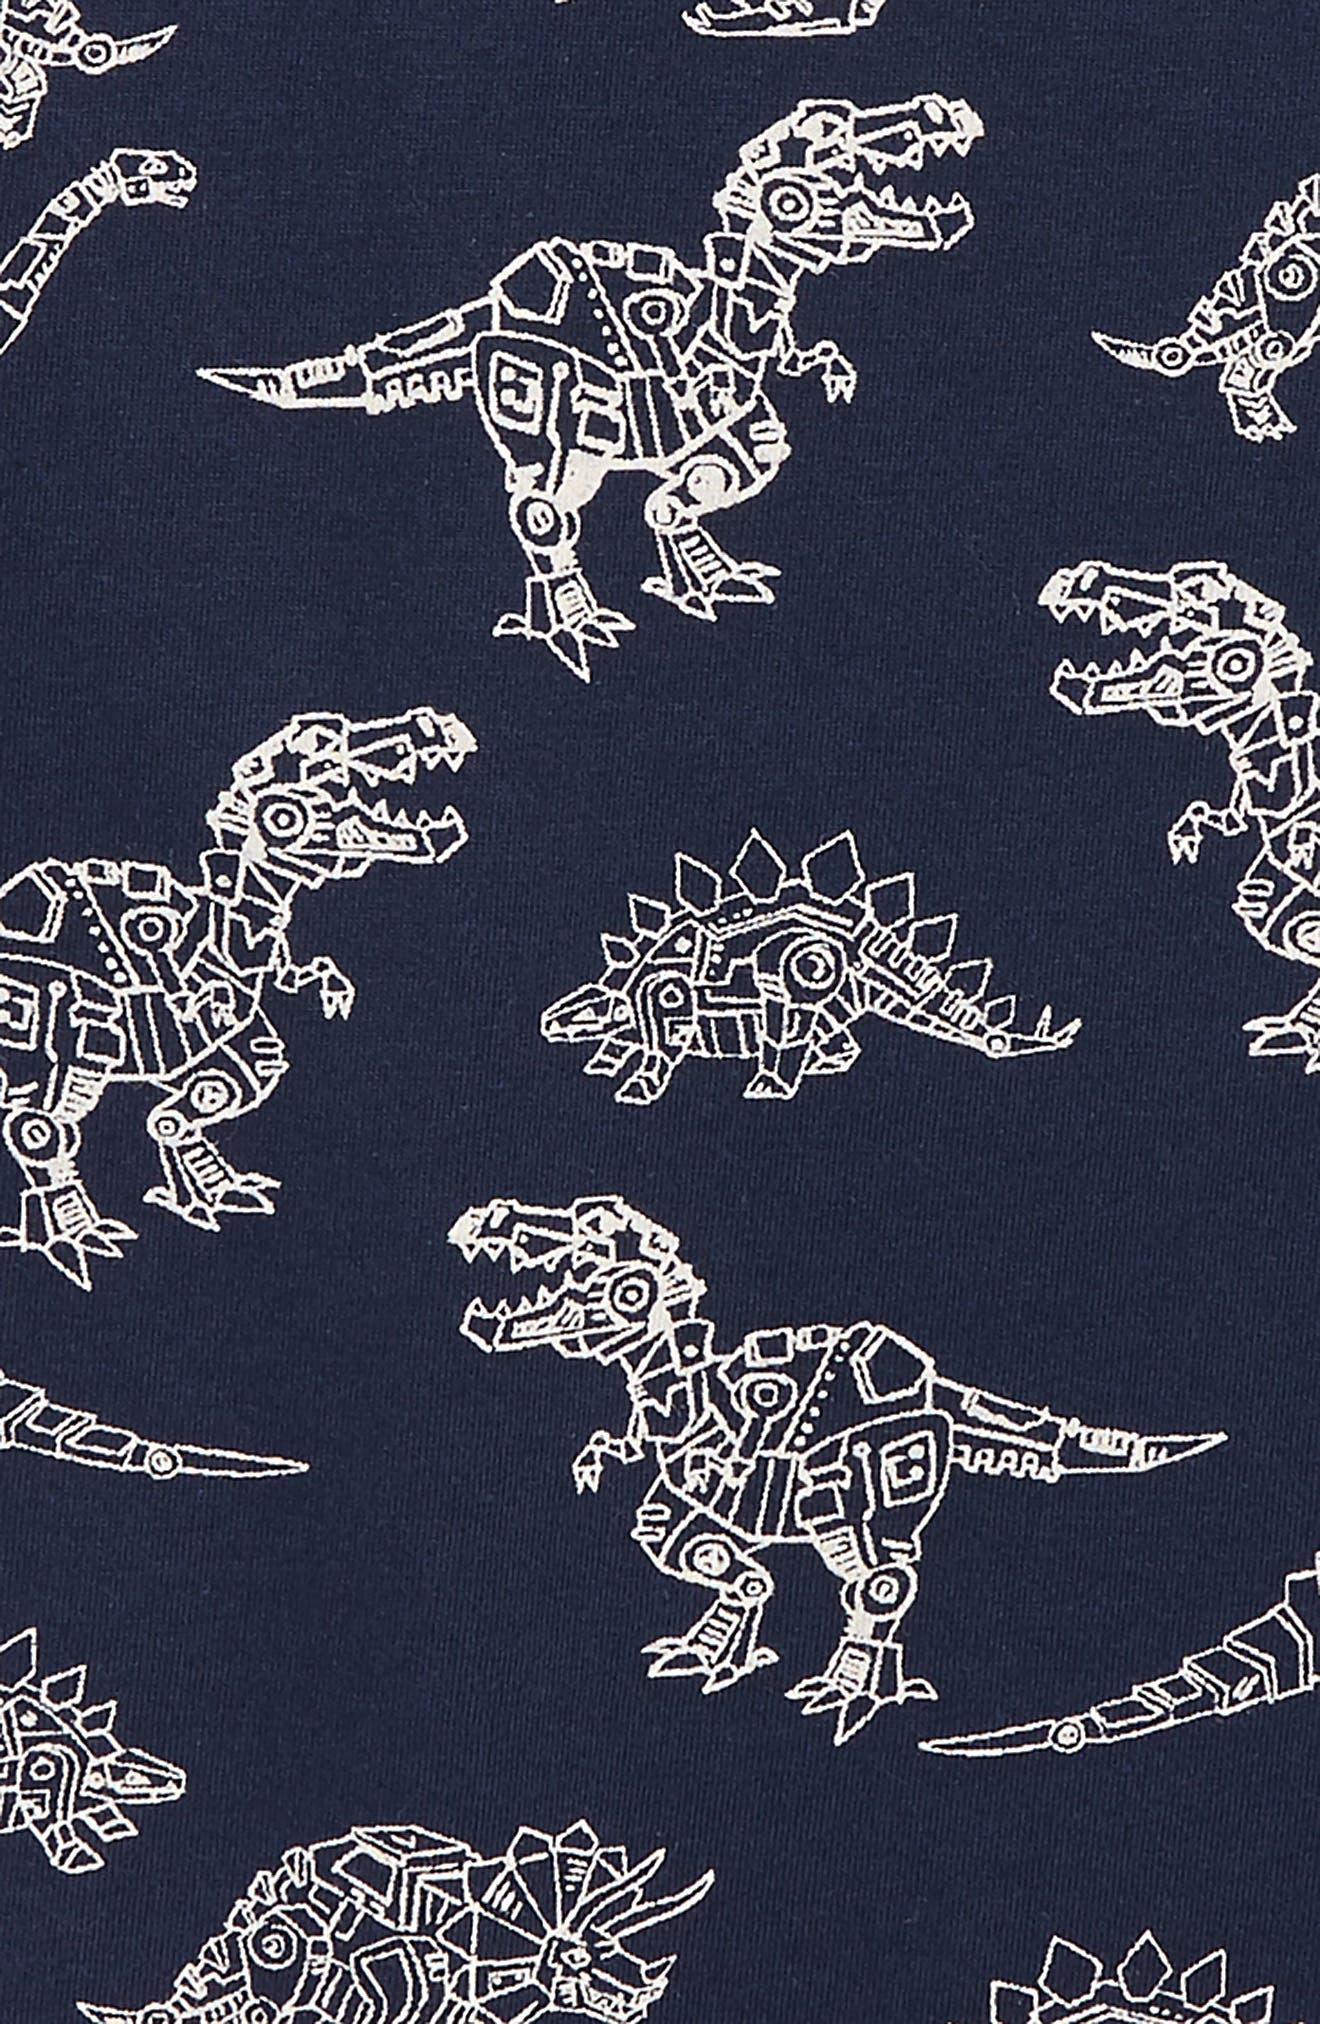 Robotic Dino Print T-Shirt,                             Alternate thumbnail 2, color,                             BLUE